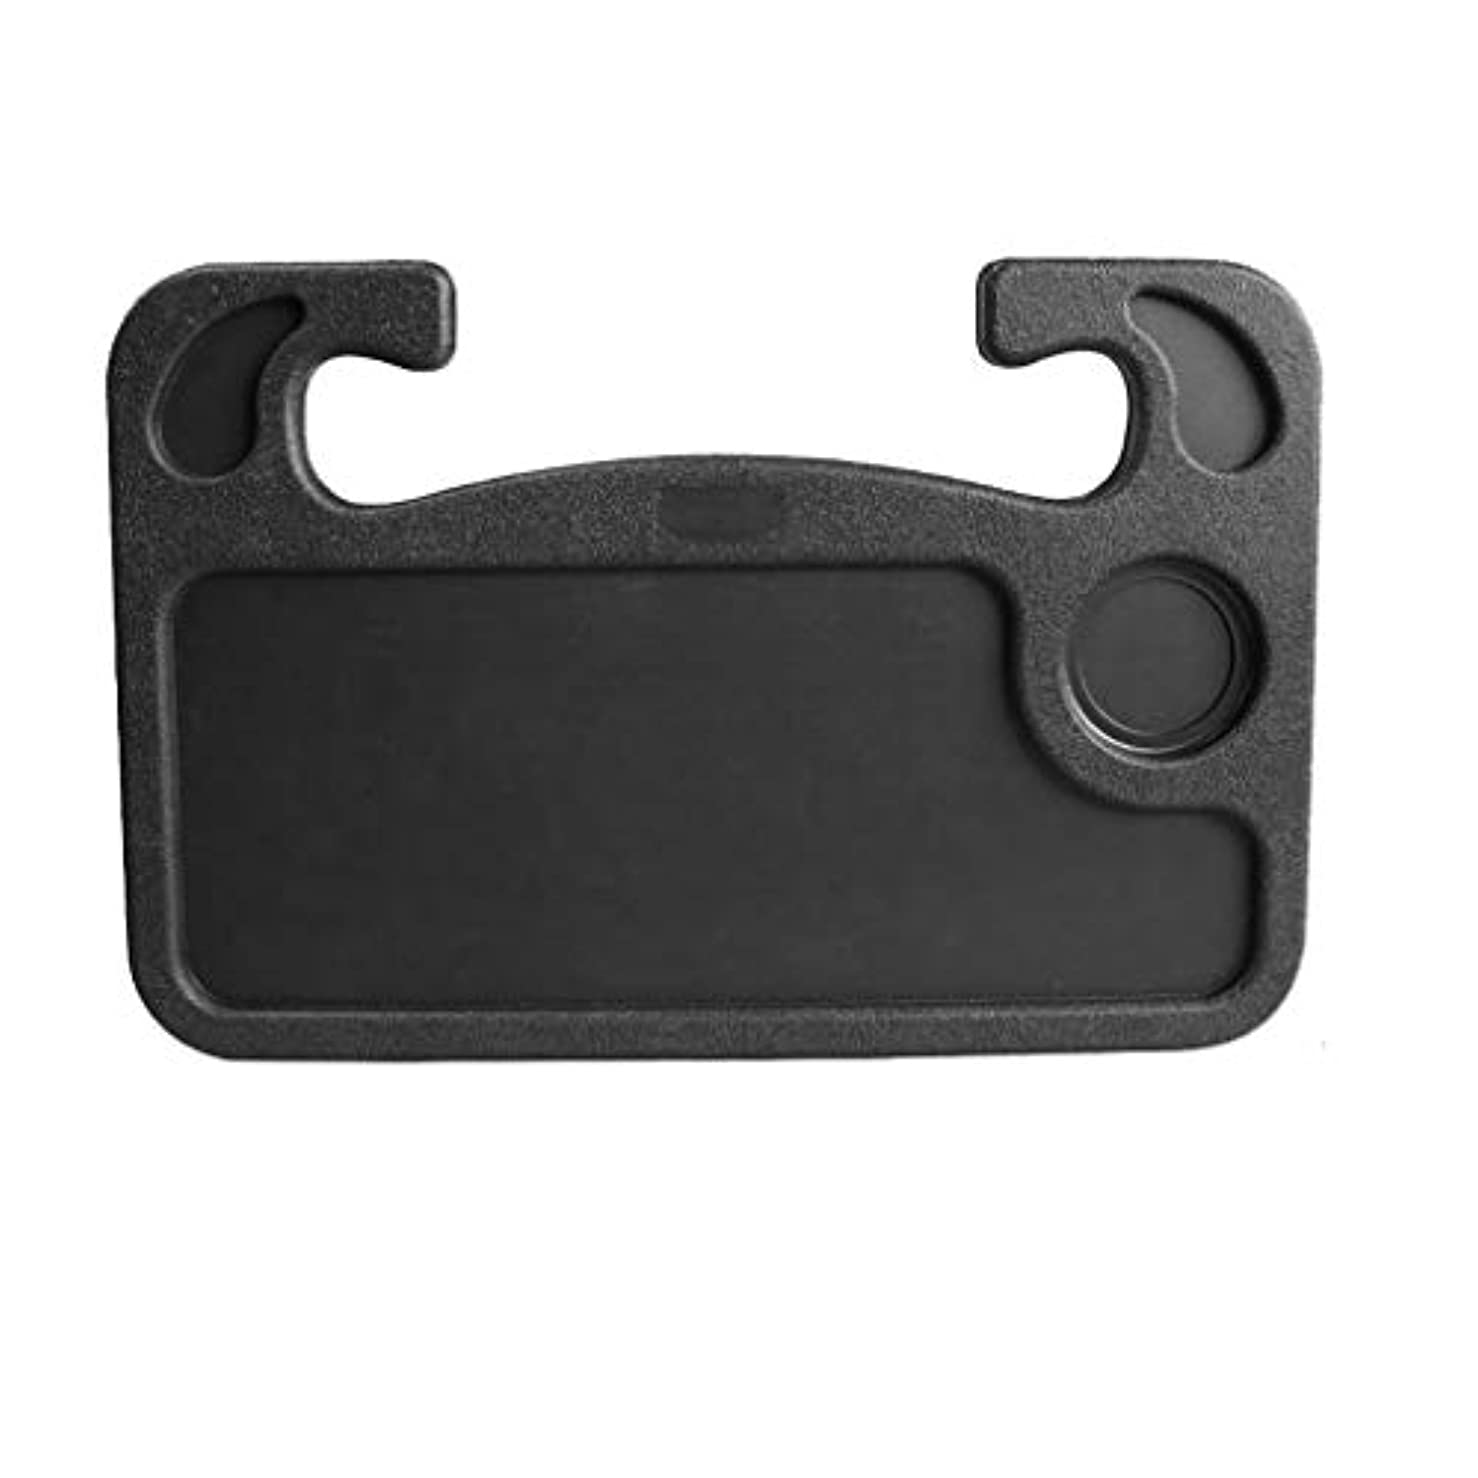 脚本順番長くするSakuraBest 新しい車の多機能ハンドルカードテーブル車内アクセサリーIpad小型コンピュータ腕時計アップグレードモデル (Black)